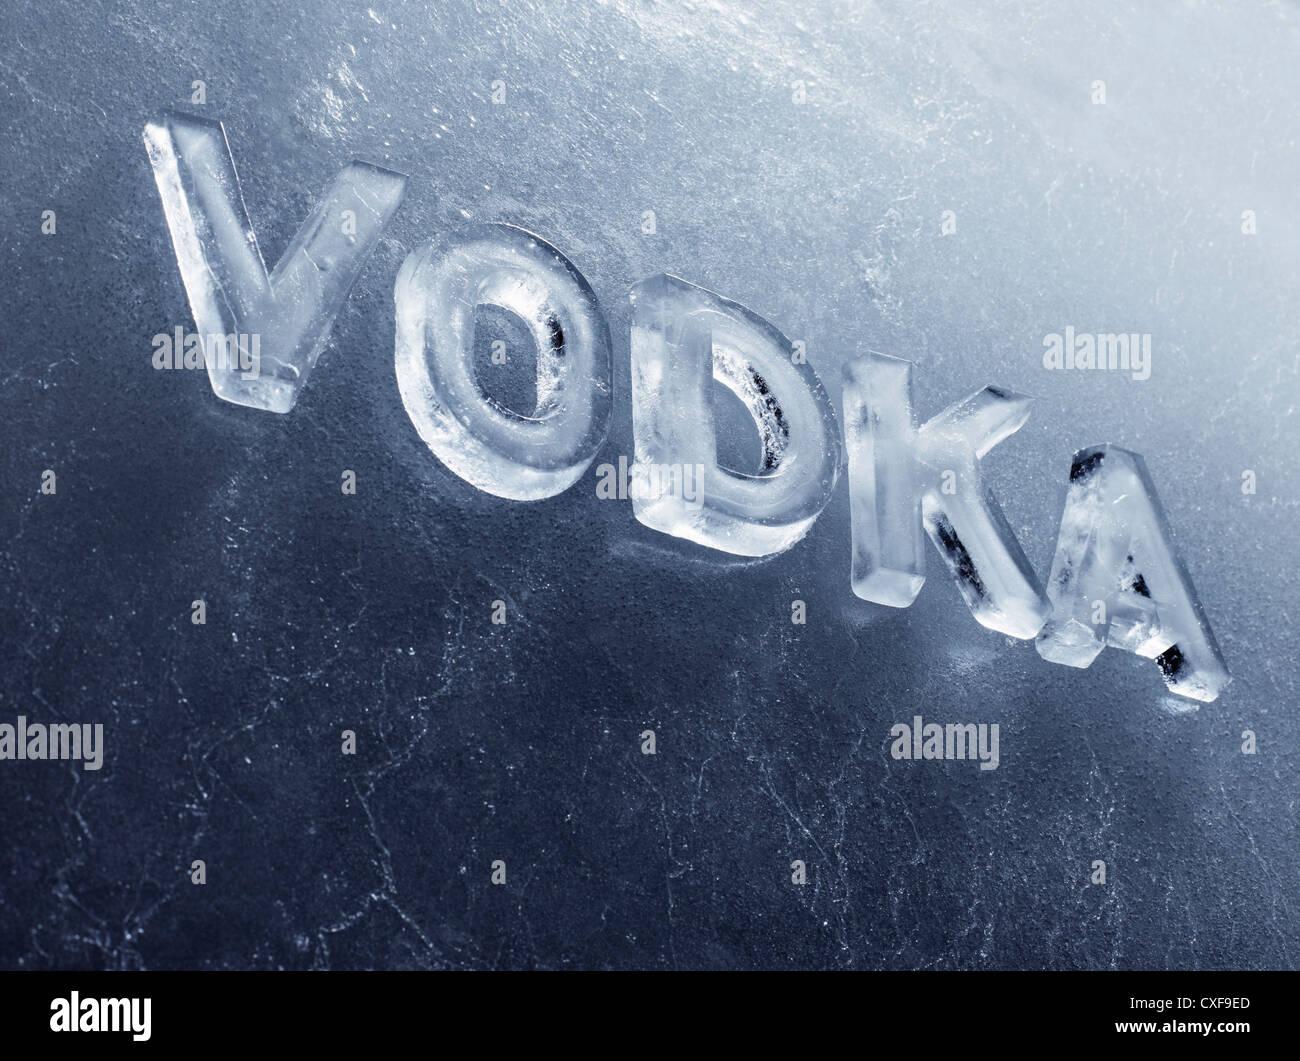 Palabra Vodka escrito con letras de hielo real. Imagen De Stock